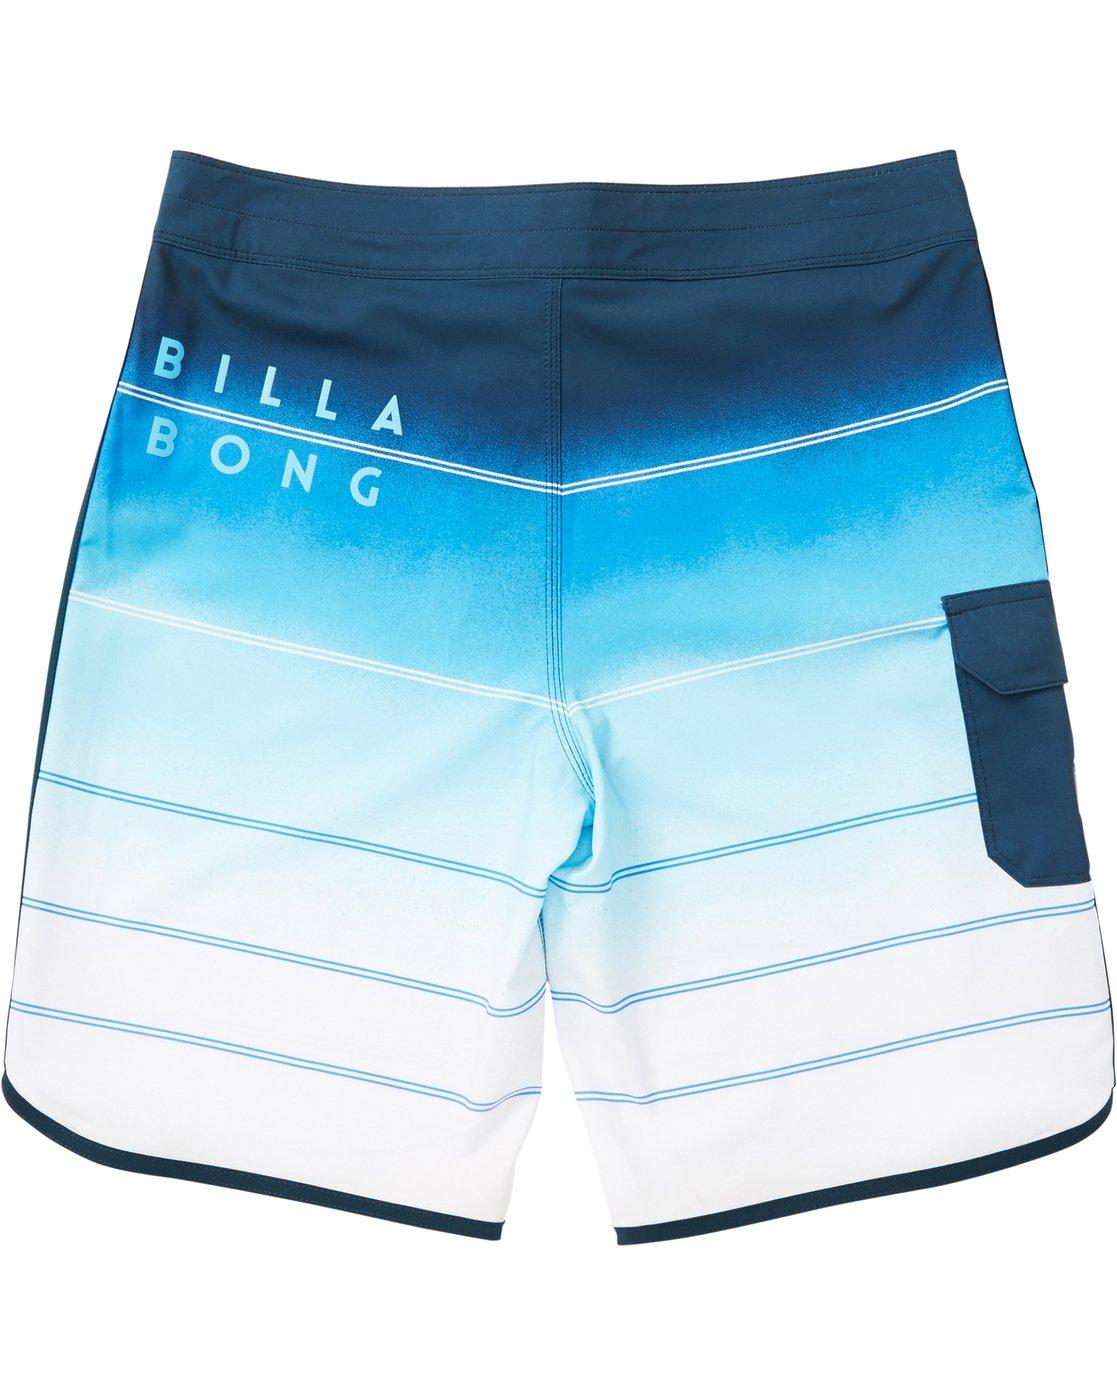 2d6a8d0c42 1 73 X Stripe Boardshorts Blue M129NBSS Billabong